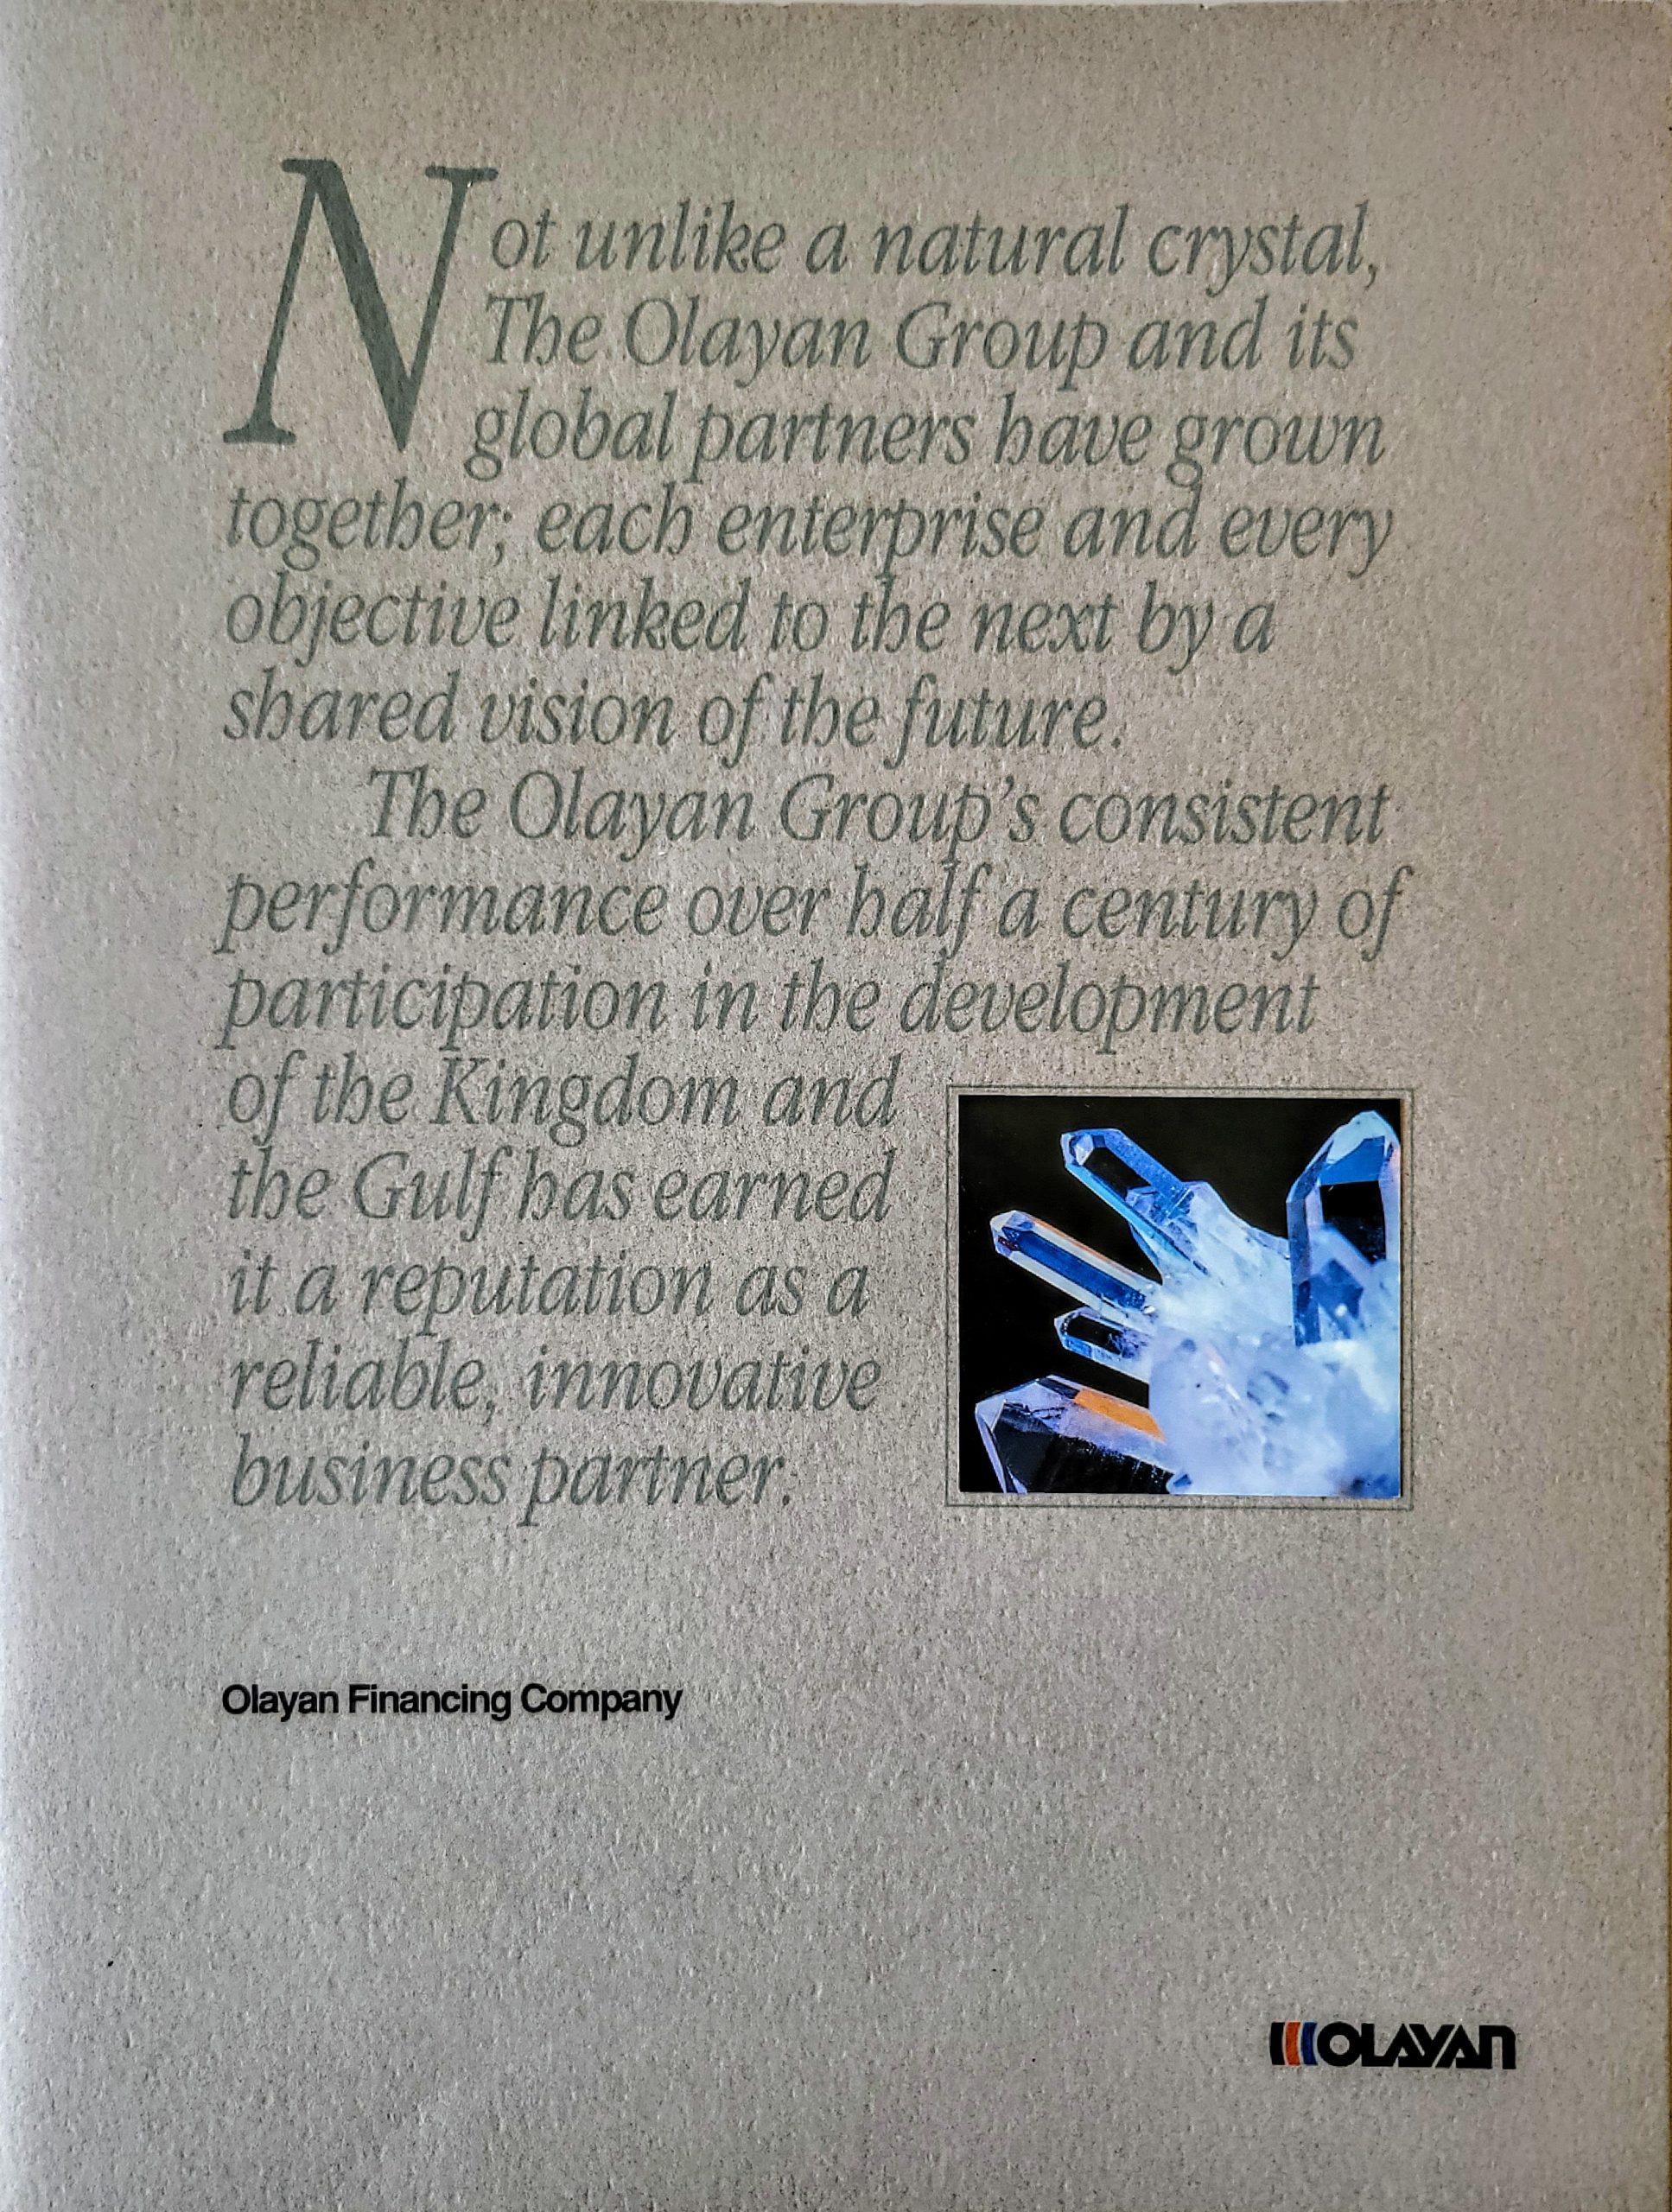 olayan_ofc brochure_21